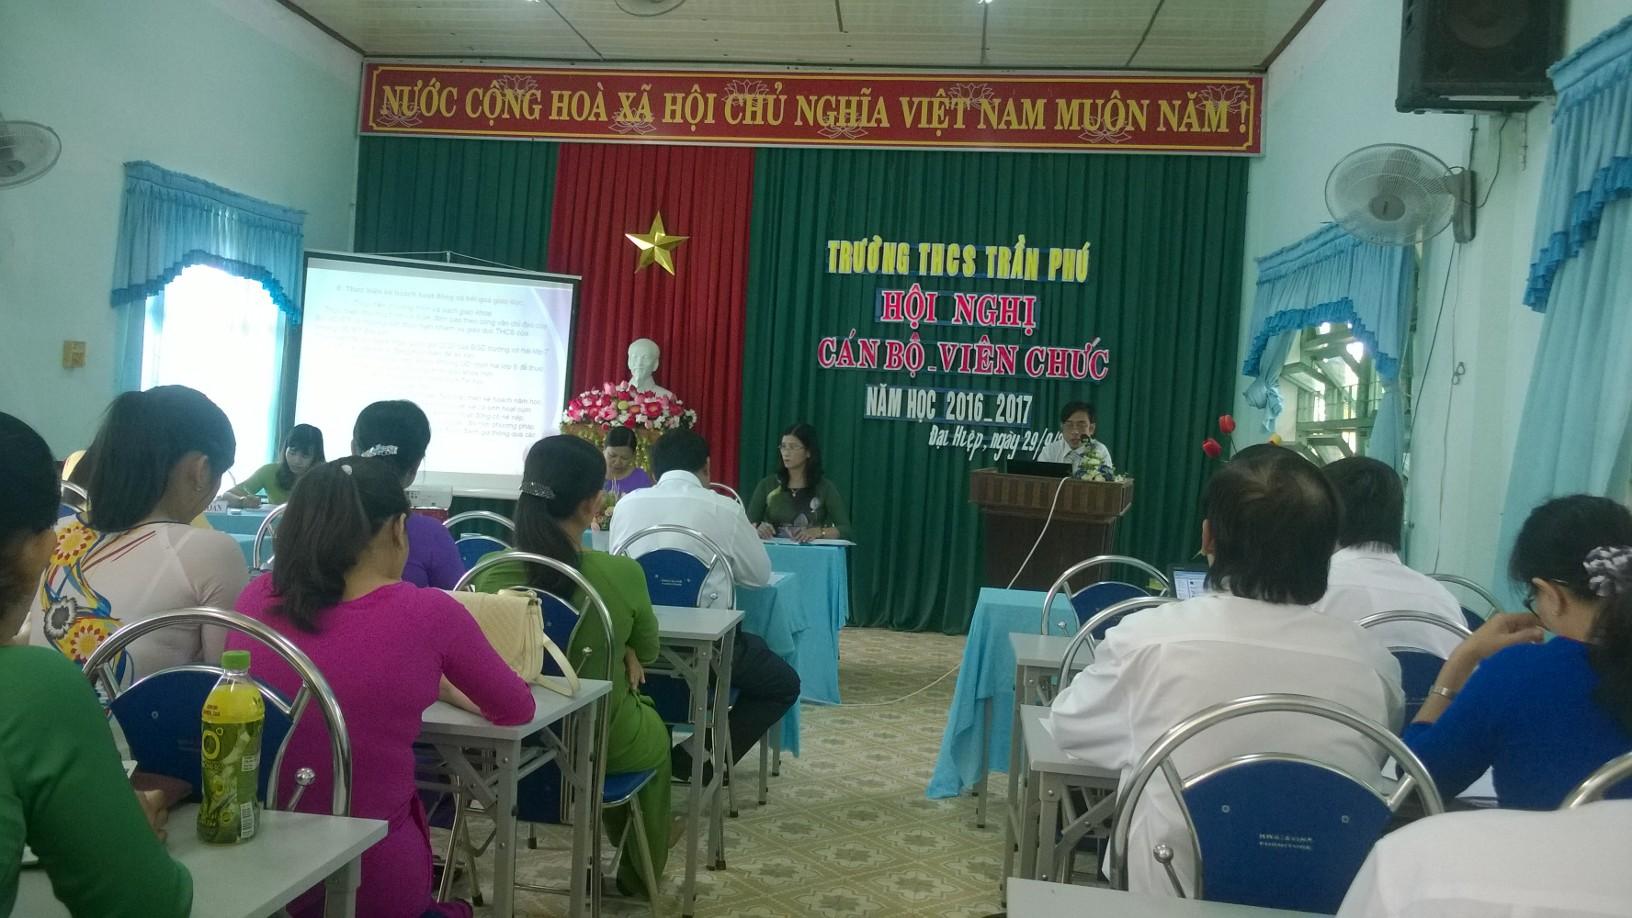 Cô giáo Trần Thanh Hoa báo cáo tham luận về vận dụng thành tố tích cực của mô hình trường học mới vào dạy học